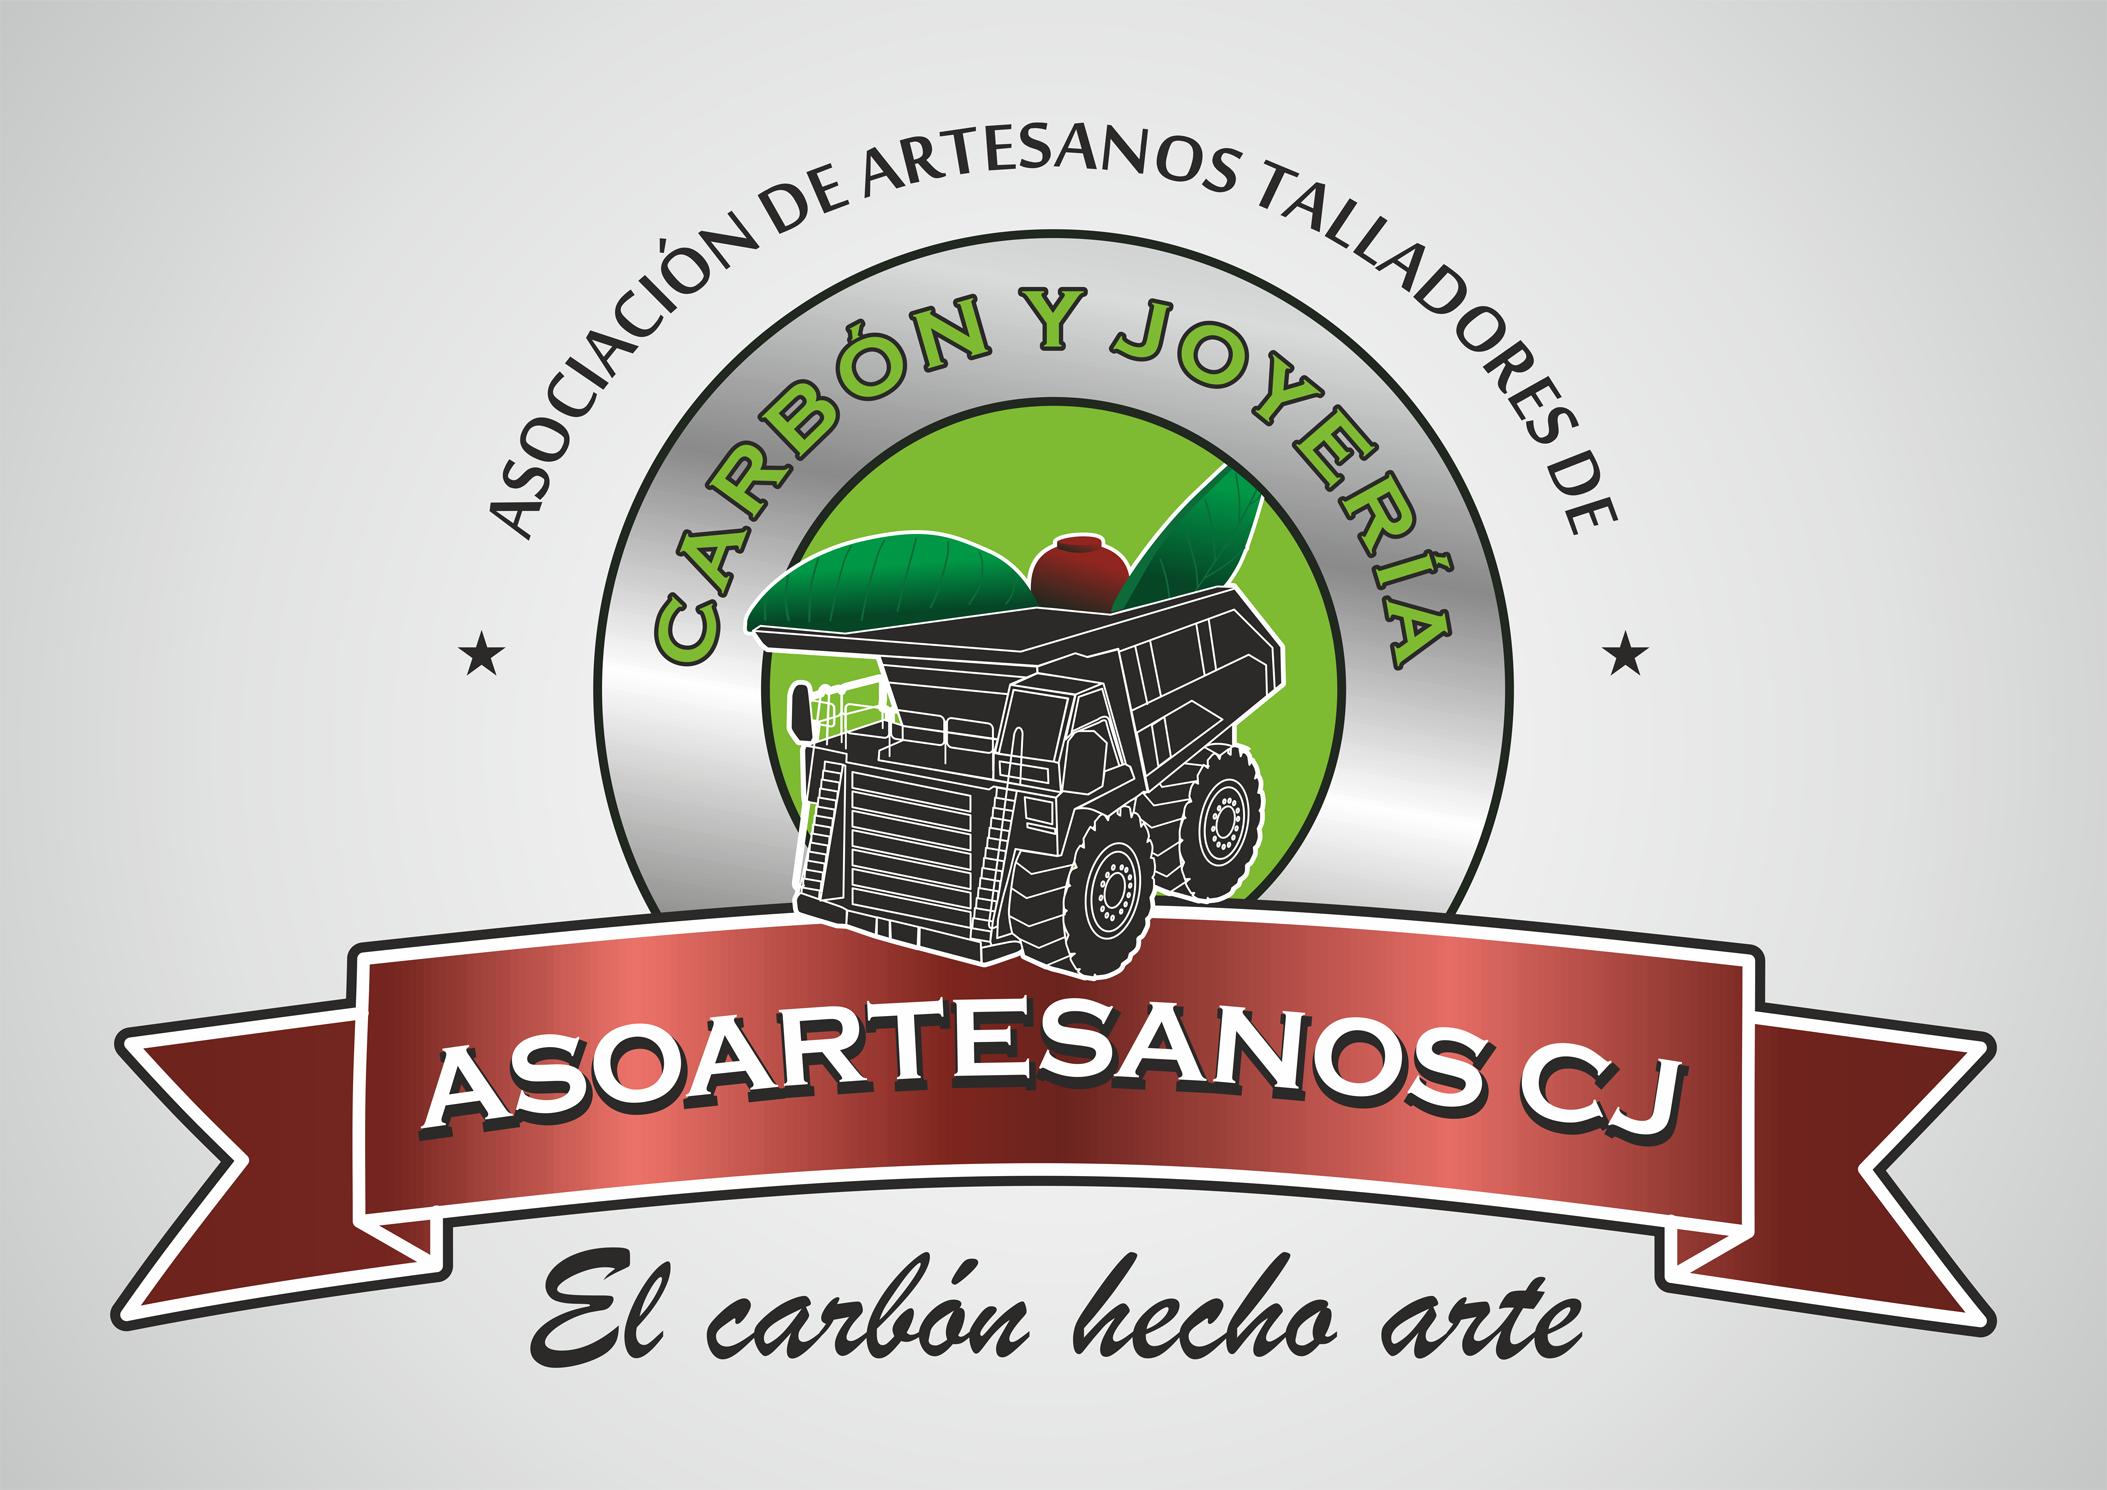 ASOARTESANOSCJ | COLOMBIA